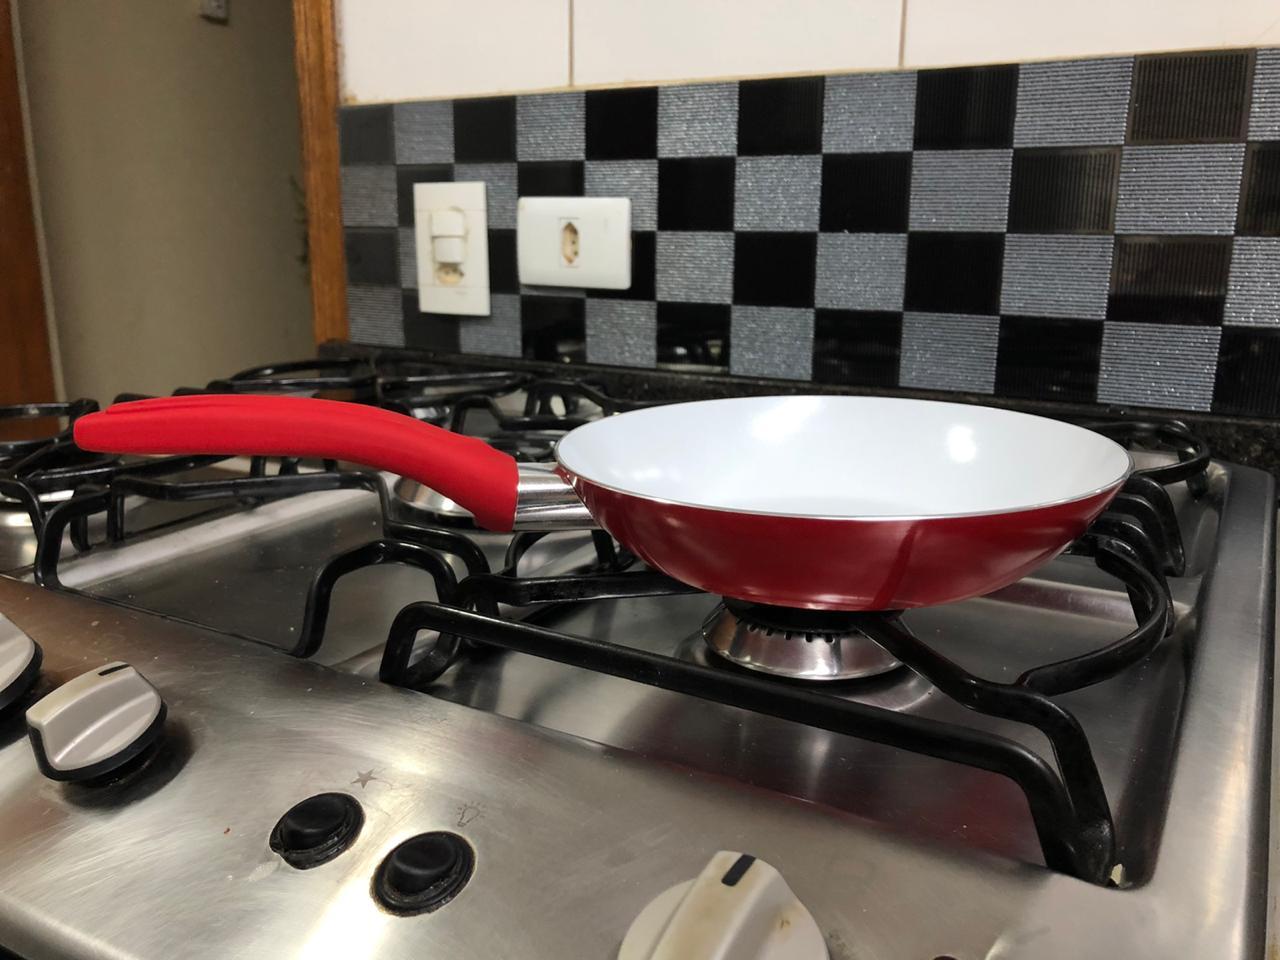 Frigideira antiaderente cerâmica frituras panquequeira com cabo revestido silicone